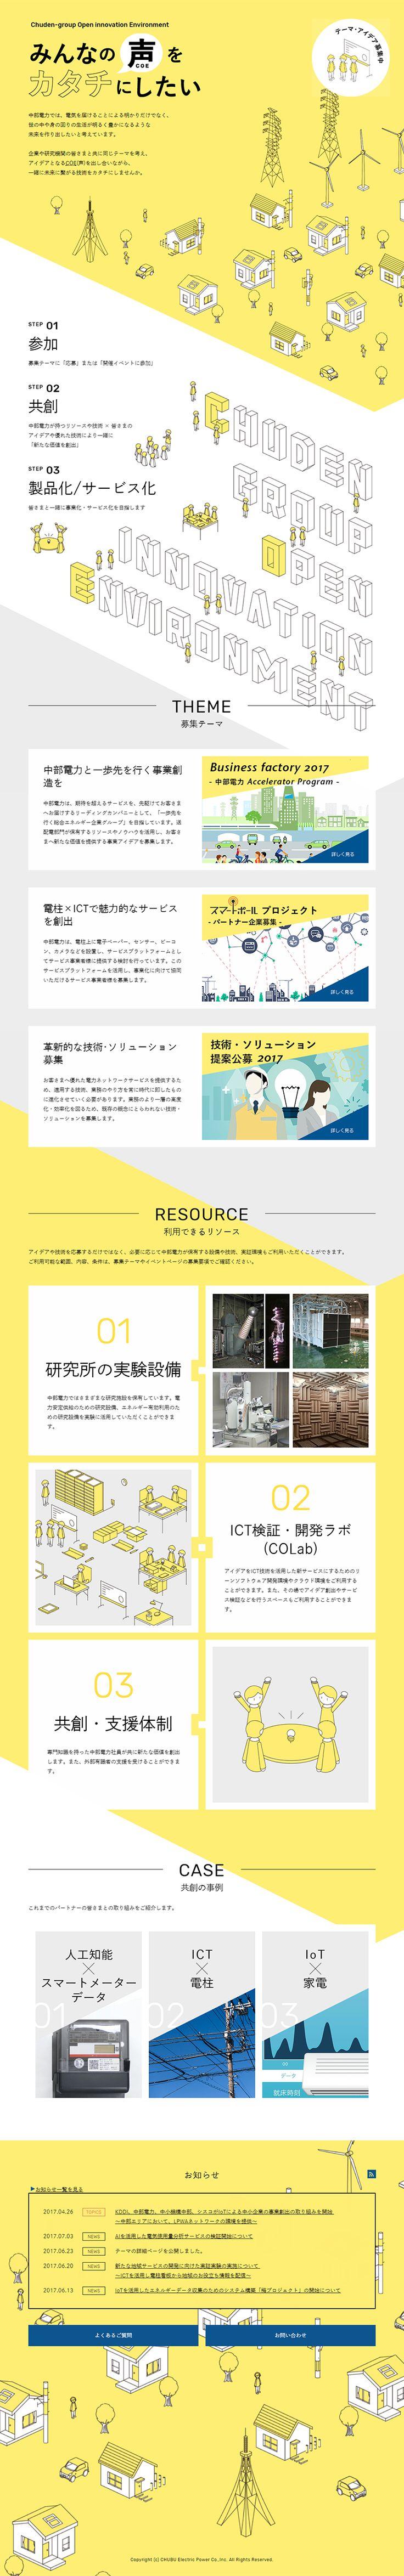 中部電力様の「COE」のランディングページ(LP)シンプル系|インターネットサービス